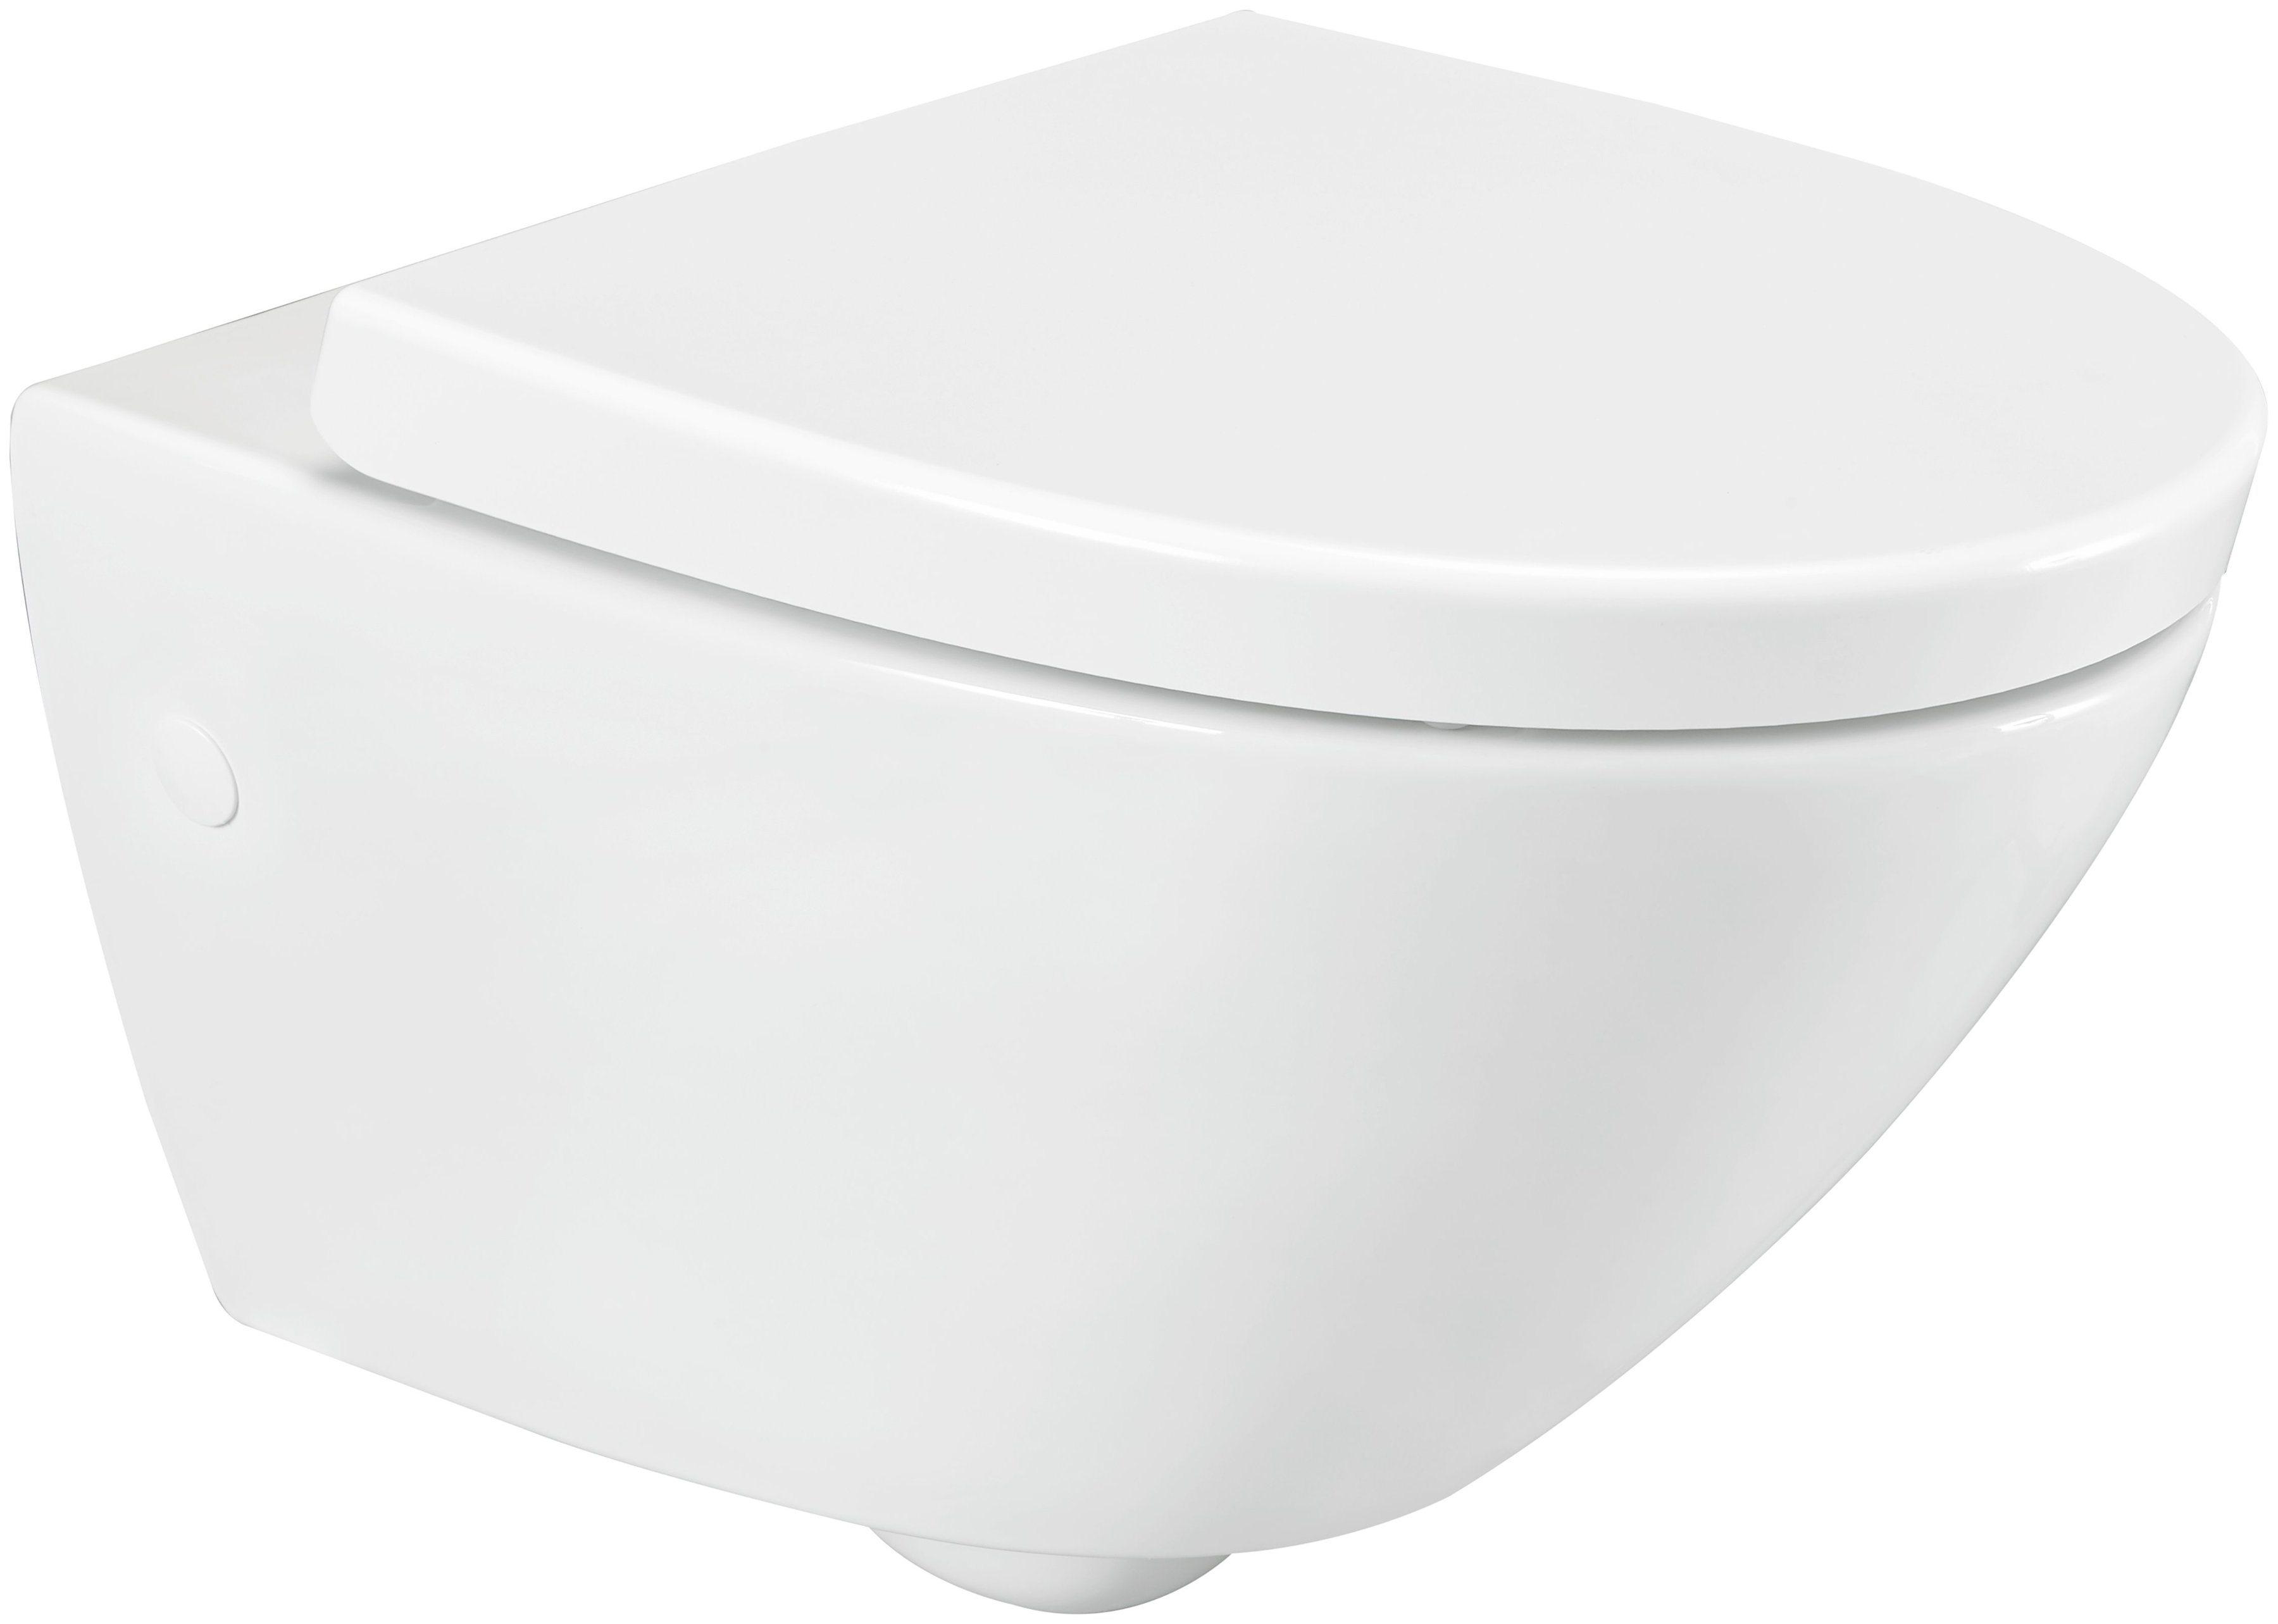 wand-wc preisvergleich • die besten angebote online kaufen